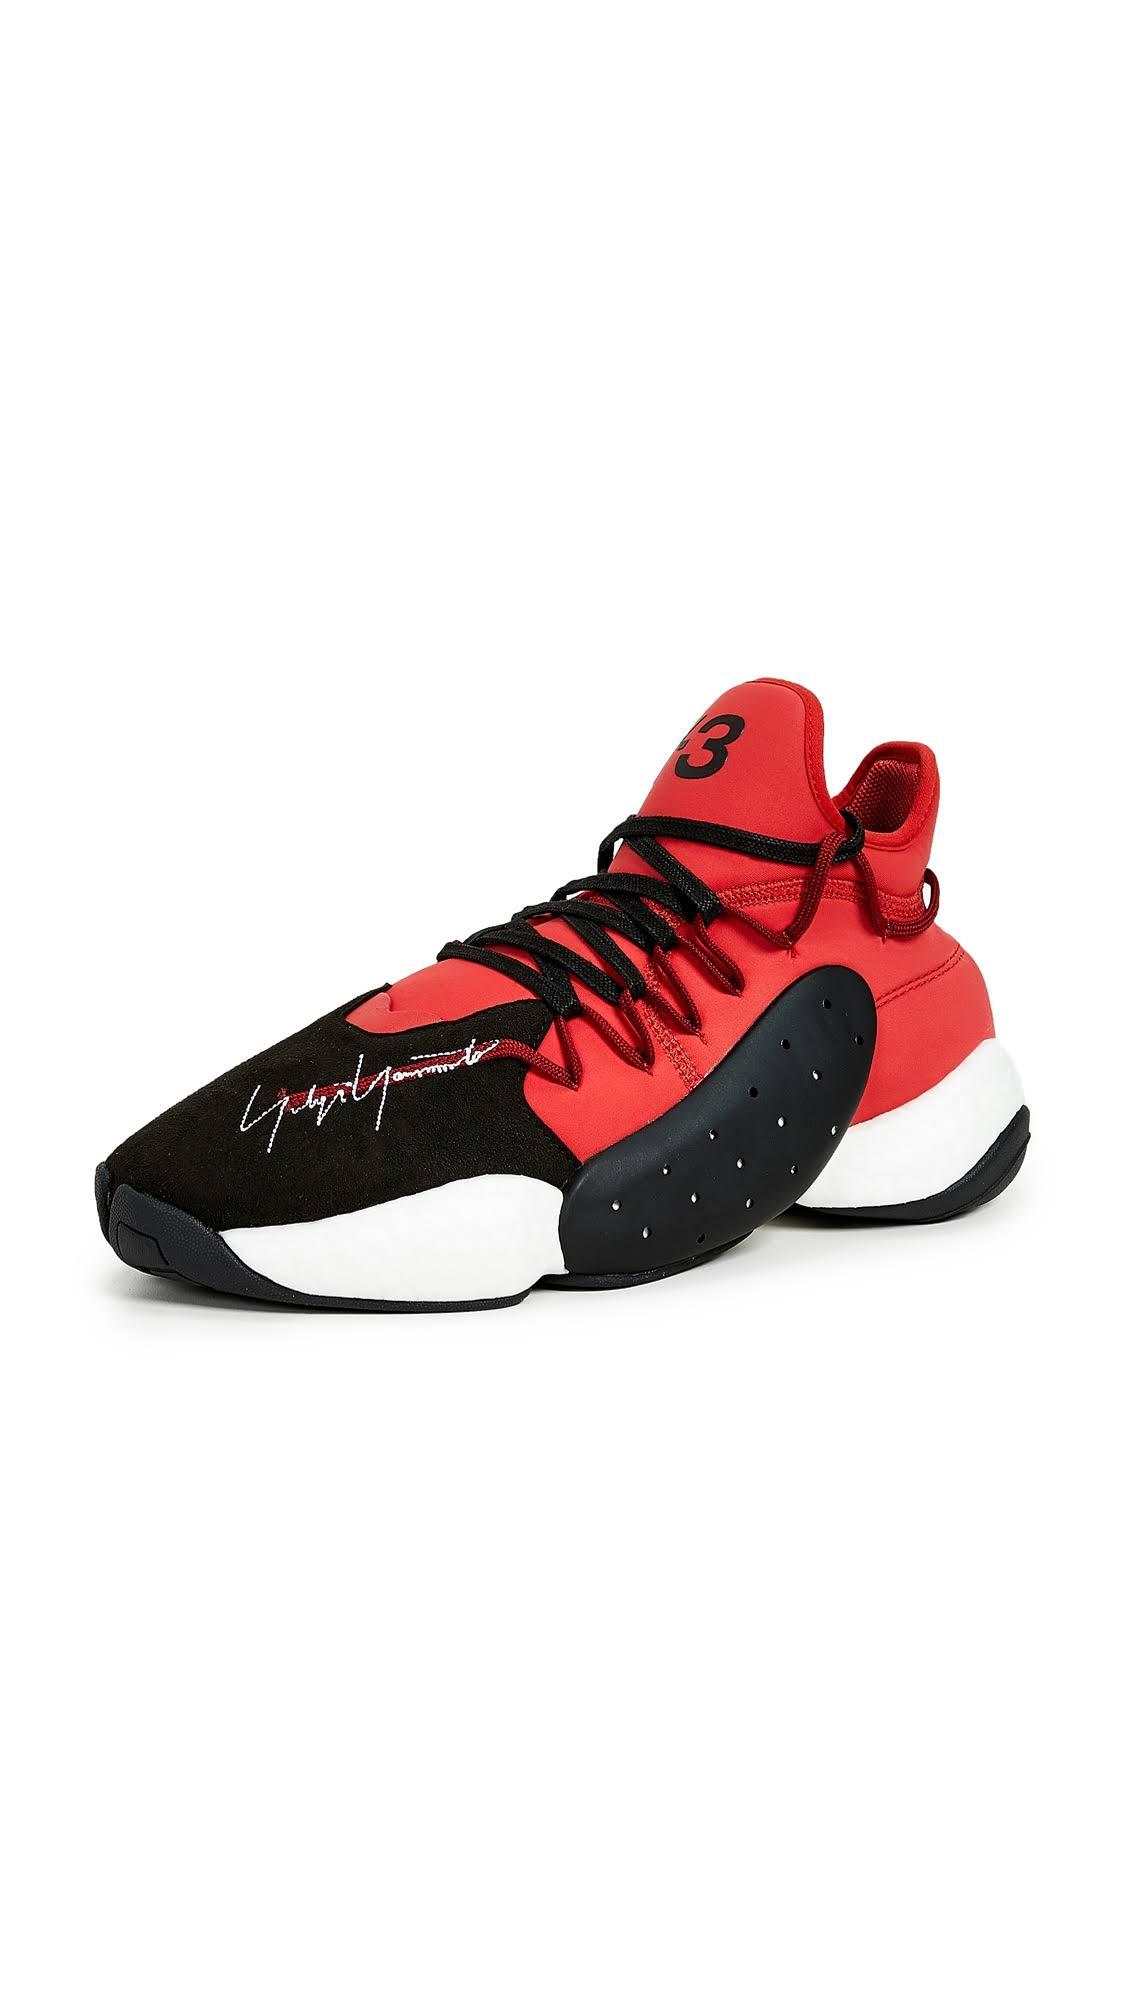 Zapatillas Deporte Negras B Rojas De ball 10 Y 3 4qwr45xY